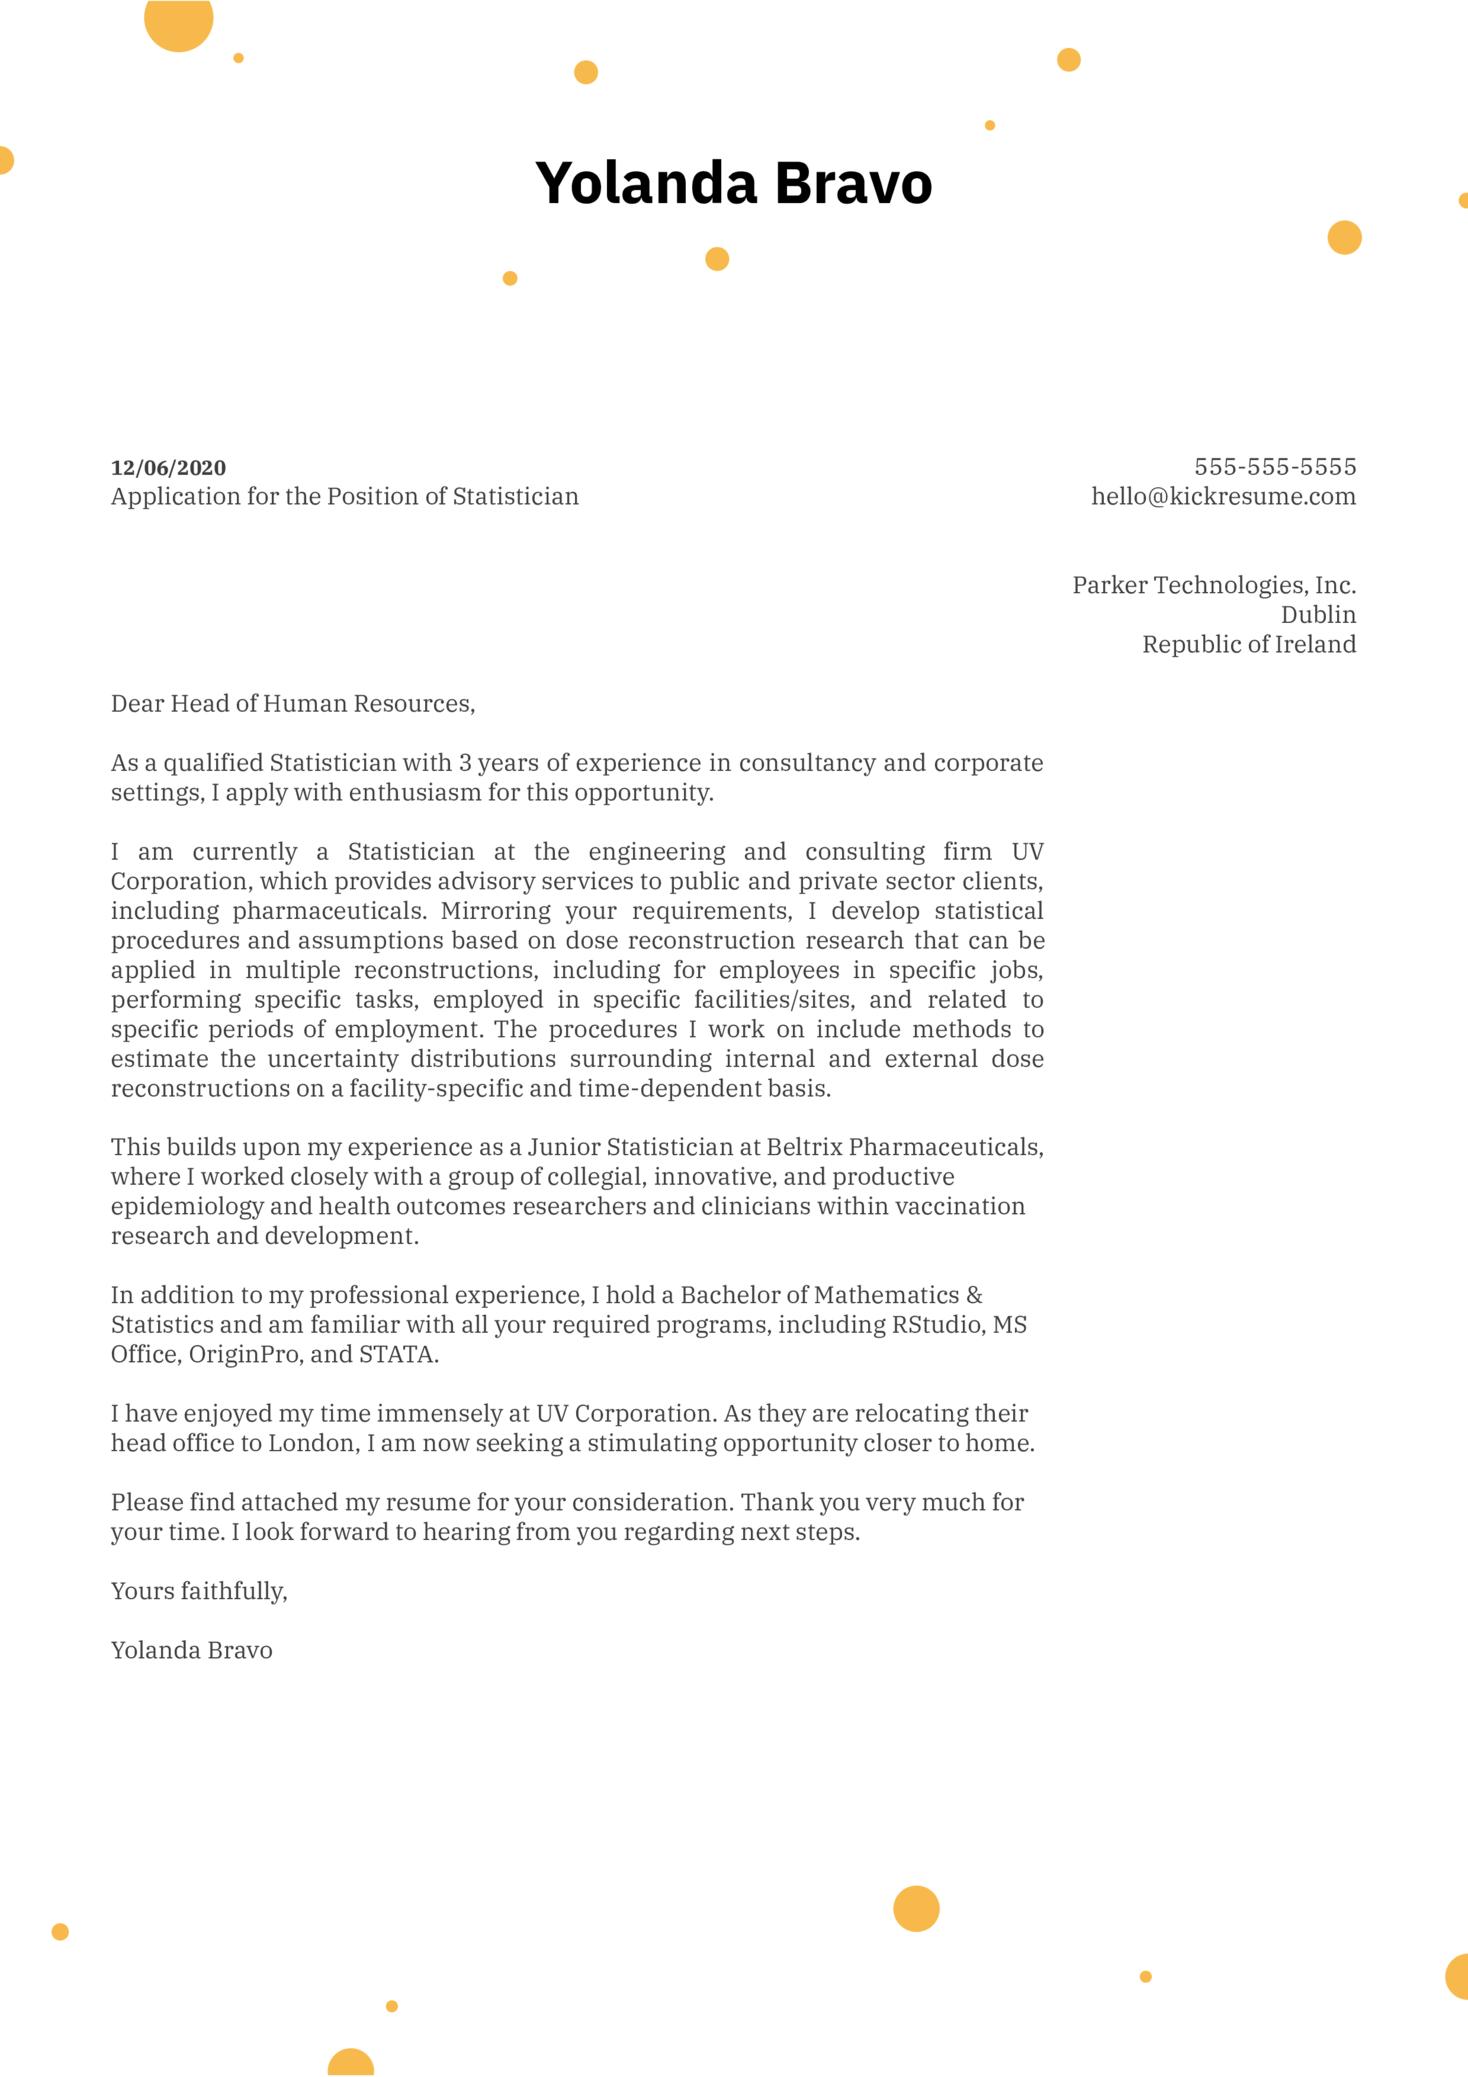 Statistician Cover Letter Sample | Kickresume